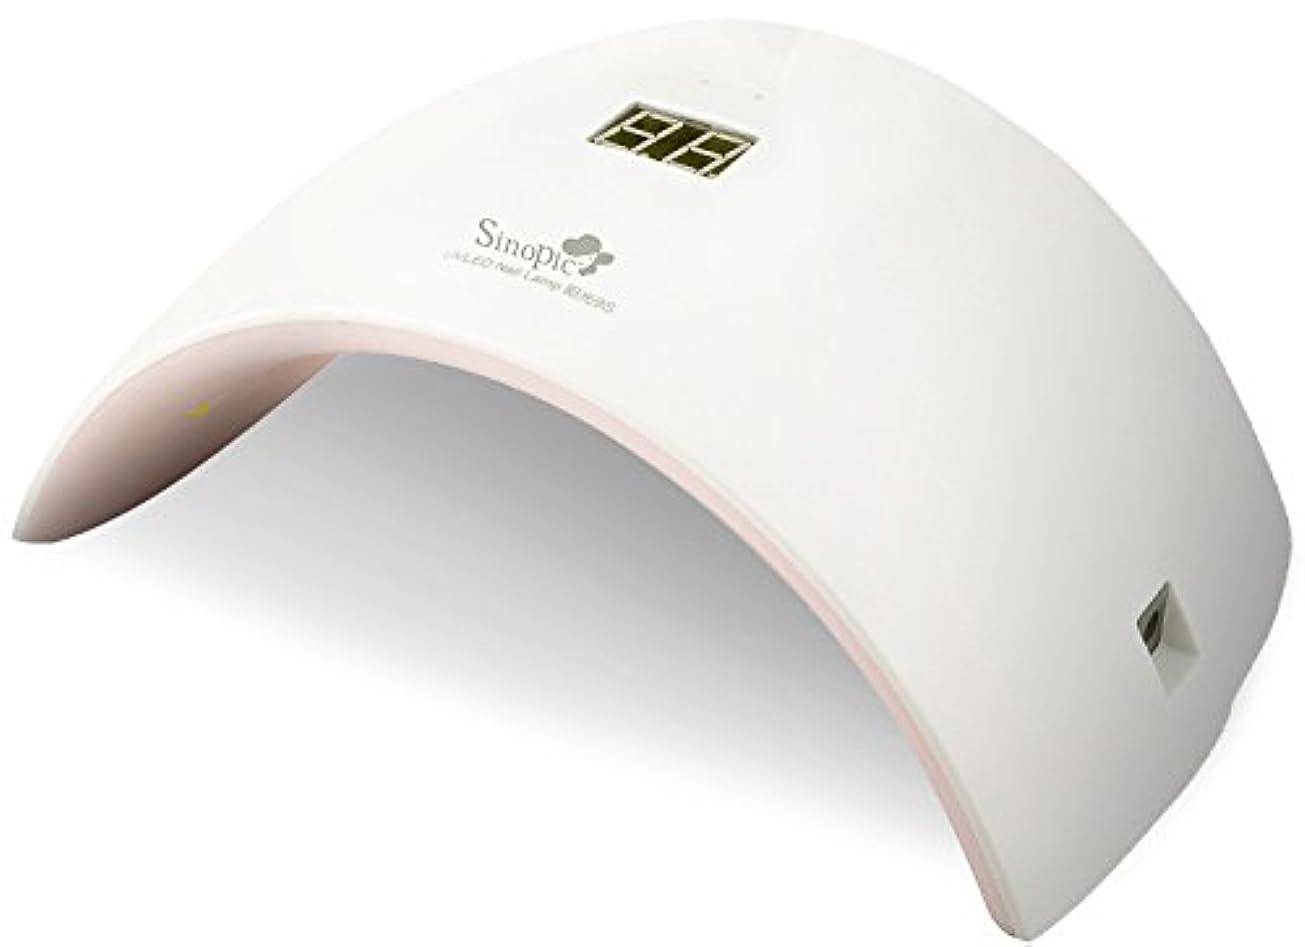 極端な批判的アンソロジーSinopic ネイルドライヤー 硬化ライト 自動センサ式 UV+ LEDライト 24W ジェルネイル マニキュアゲル 赤外線感知 品番:9S